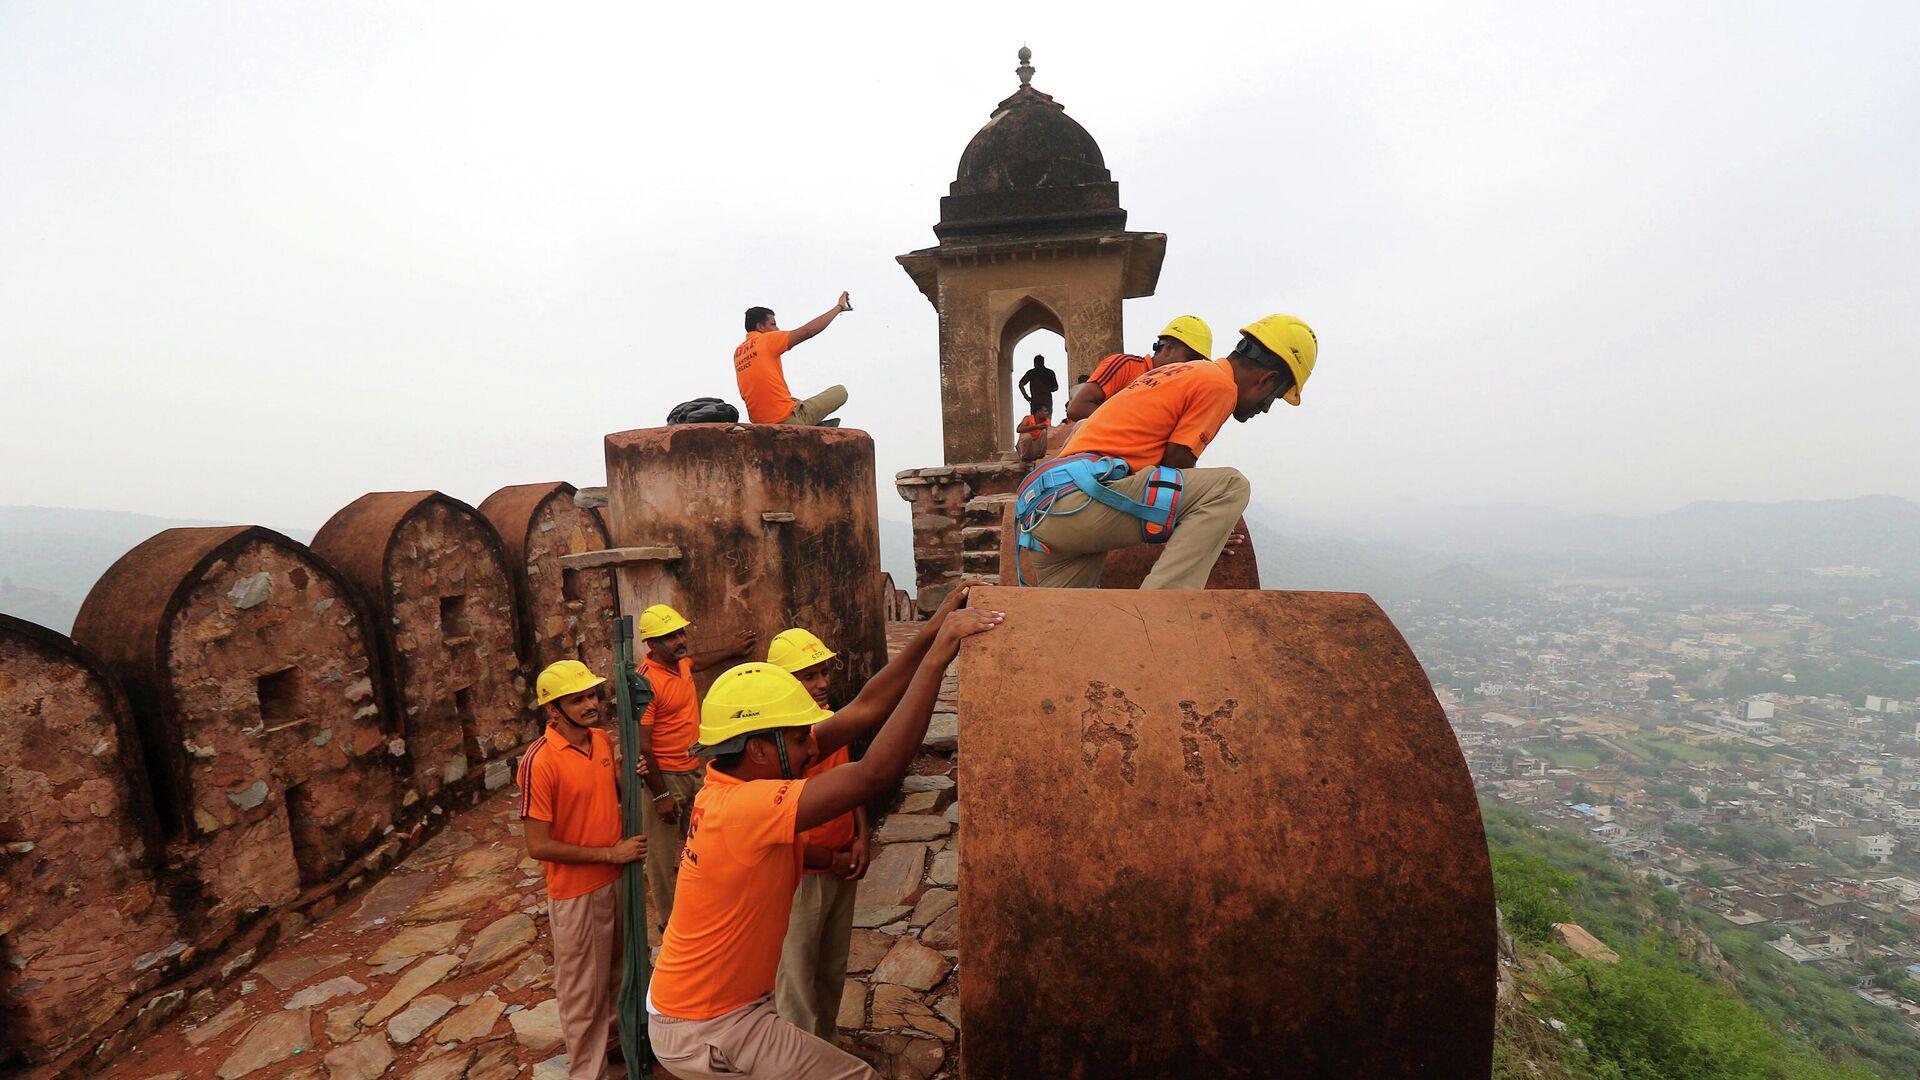 Katastrophenschutzpersonal führt eine Suchaktion an einem Wachturm des Amber Fort im indischen Bundesstaat Rajasthan durch: Am 11. Juli wurden elf Menschen beim Selfiemachen von erinm Blitzschlag hier  getötet.   - SNA, 1920, 12.07.2021